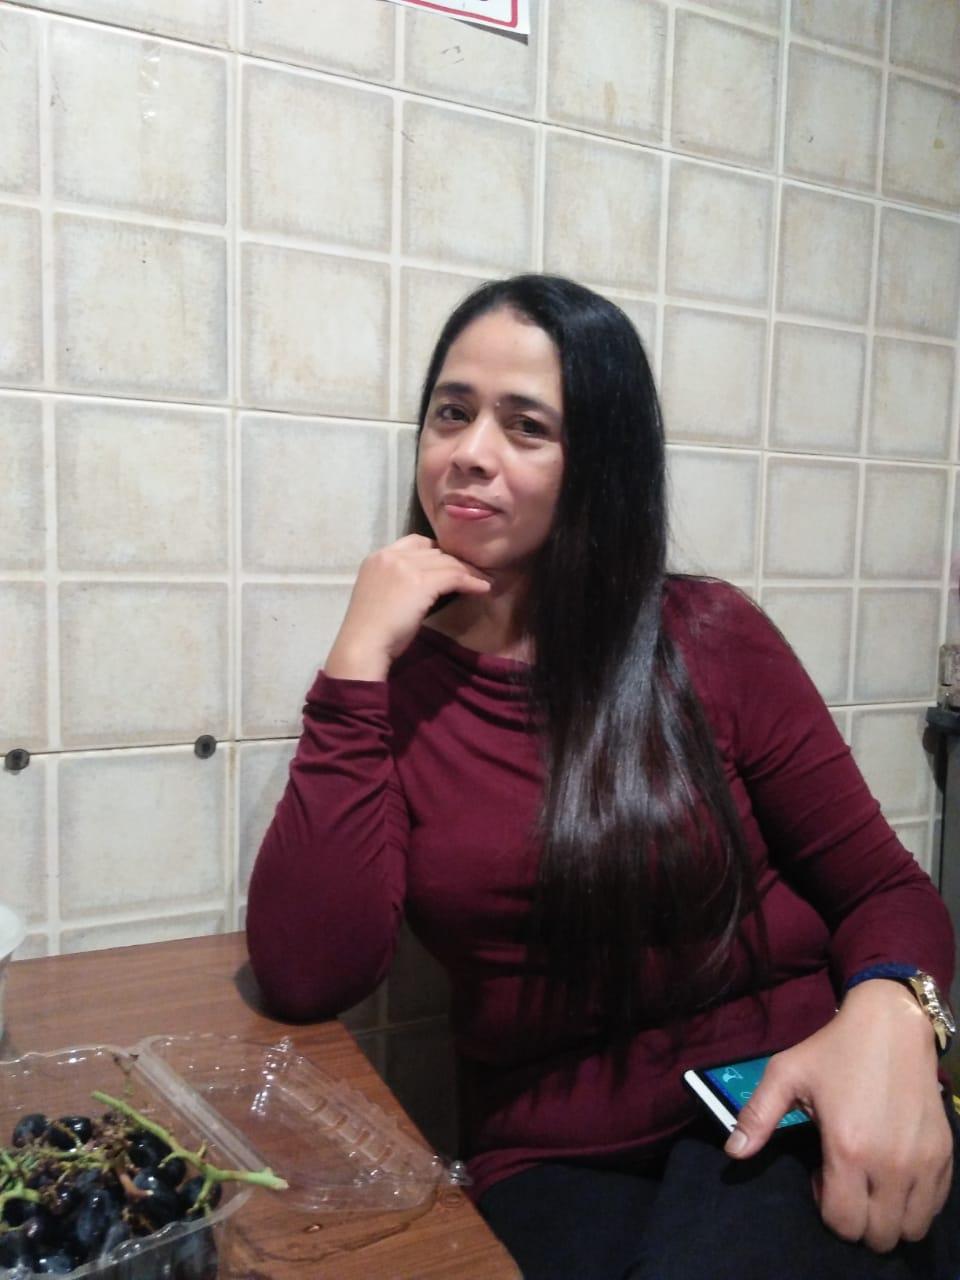 leonora jakosalem paqoito picture_IM_2018121201545375.jpg